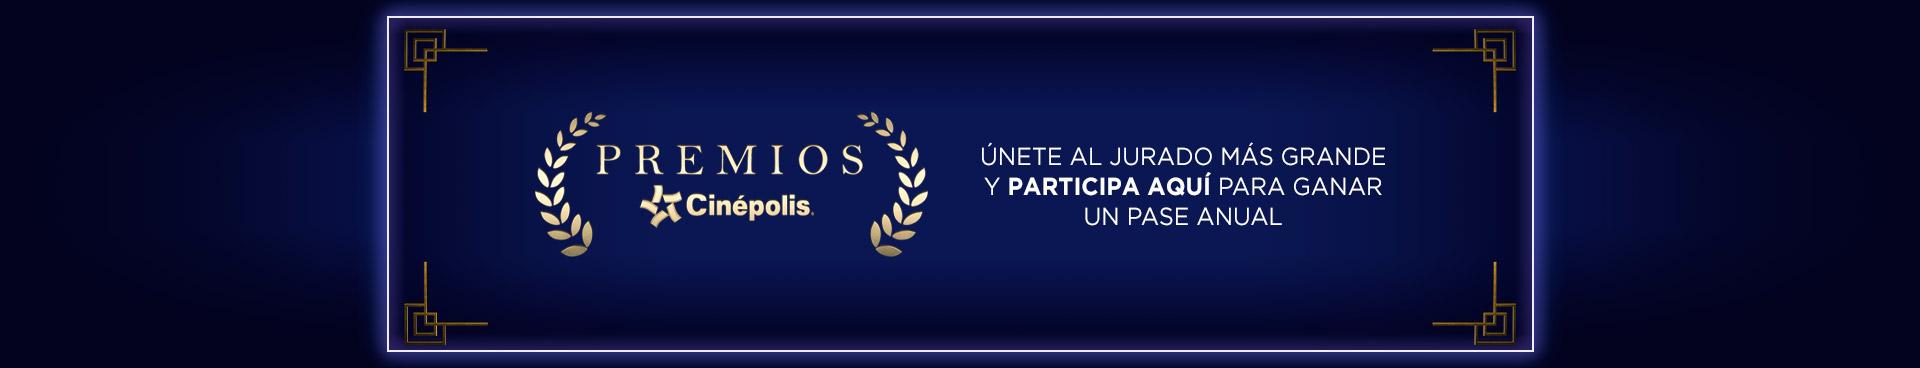 Premios-Cinépolis